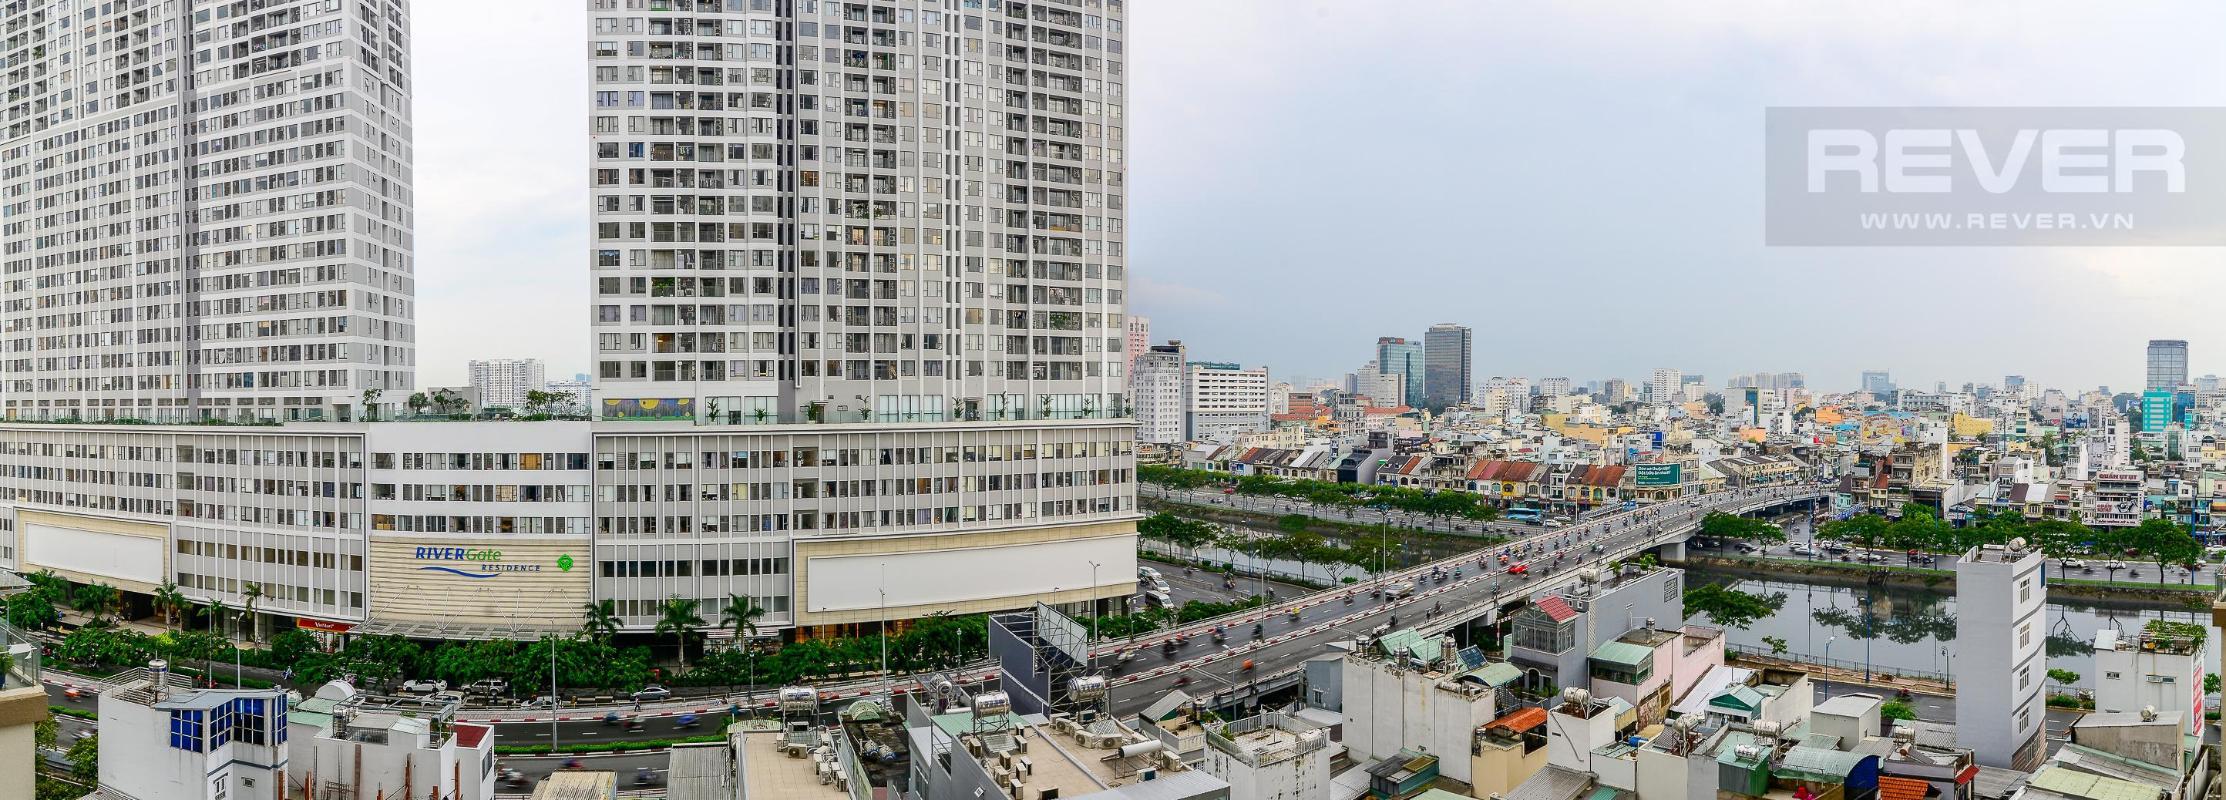 b7819a8eb6f950a709e8 Bán căn hộ Masteri Millennium 2PN, block B, diện tích 72m2, đầy đủ nội thất, view kênh Bến Nghé